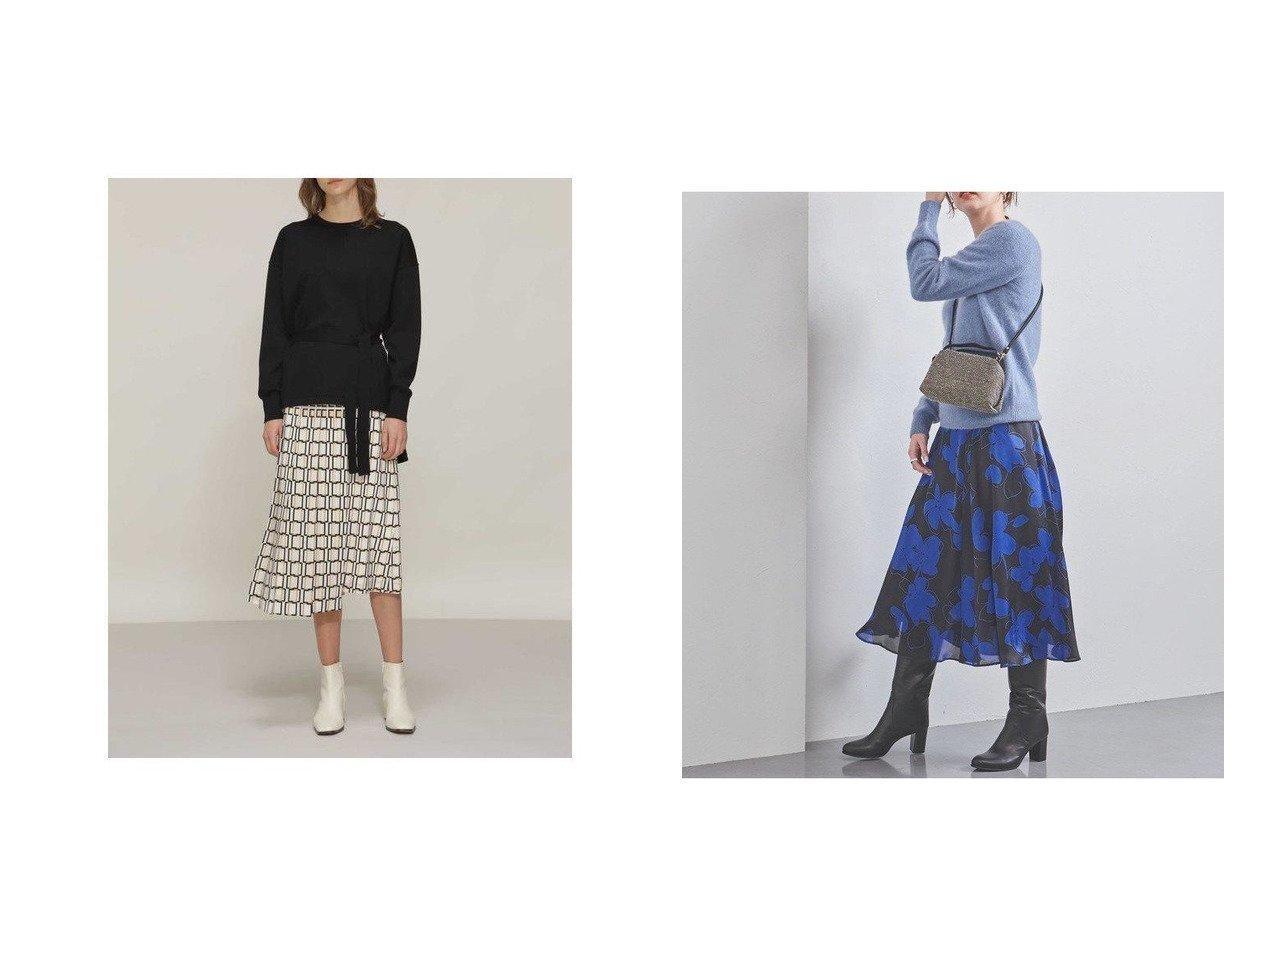 【UNITED ARROWS/ユナイテッドアローズ】のUBCB P フラワープリント フレアスカート†&【BOSCH/ボッシュ】のスクエアプリントスカート スカートのおすすめ!人気、レディースファッションの通販 おすすめで人気のファッション通販商品 インテリア・家具・キッズファッション・メンズファッション・レディースファッション・服の通販 founy(ファニー) https://founy.com/ ファッション Fashion レディース WOMEN スカート Skirt Aライン/フレアスカート Flared A-Line Skirts エレガント クラシカル ジャケット バランス プリント プリーツ ギャザー サテン フラワー フレア |ID:crp329100000001482